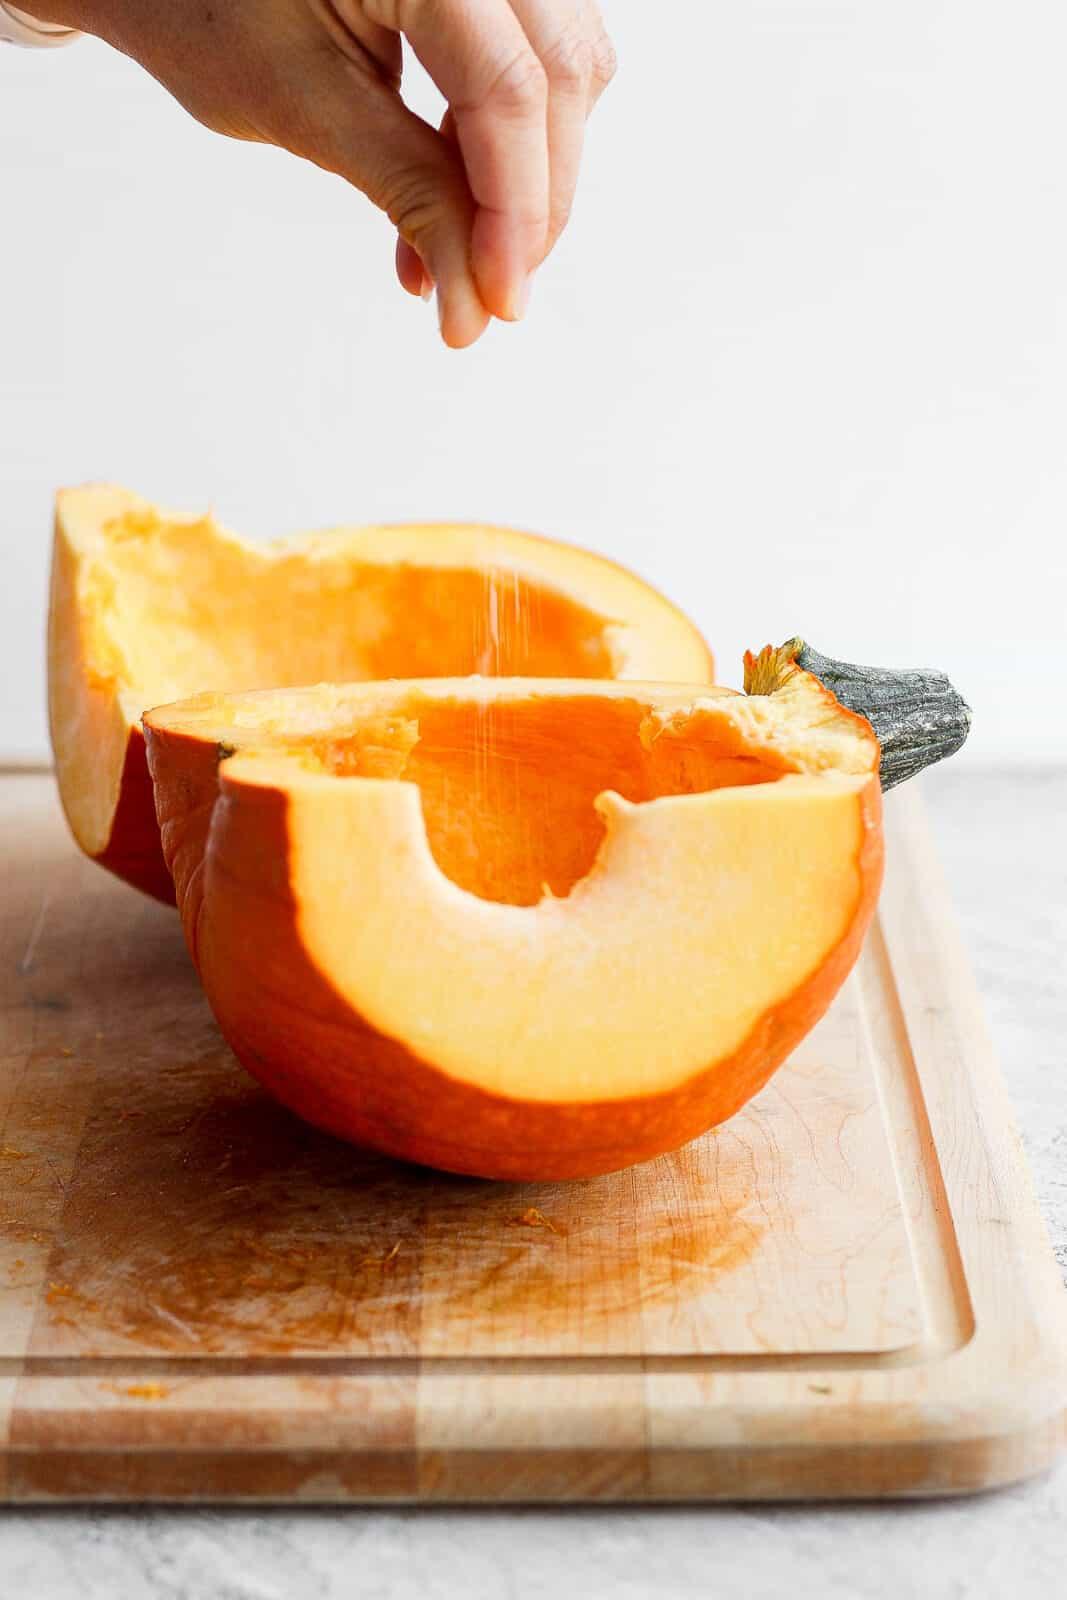 Sprinkling kosher salt on the two pumpkin halves.